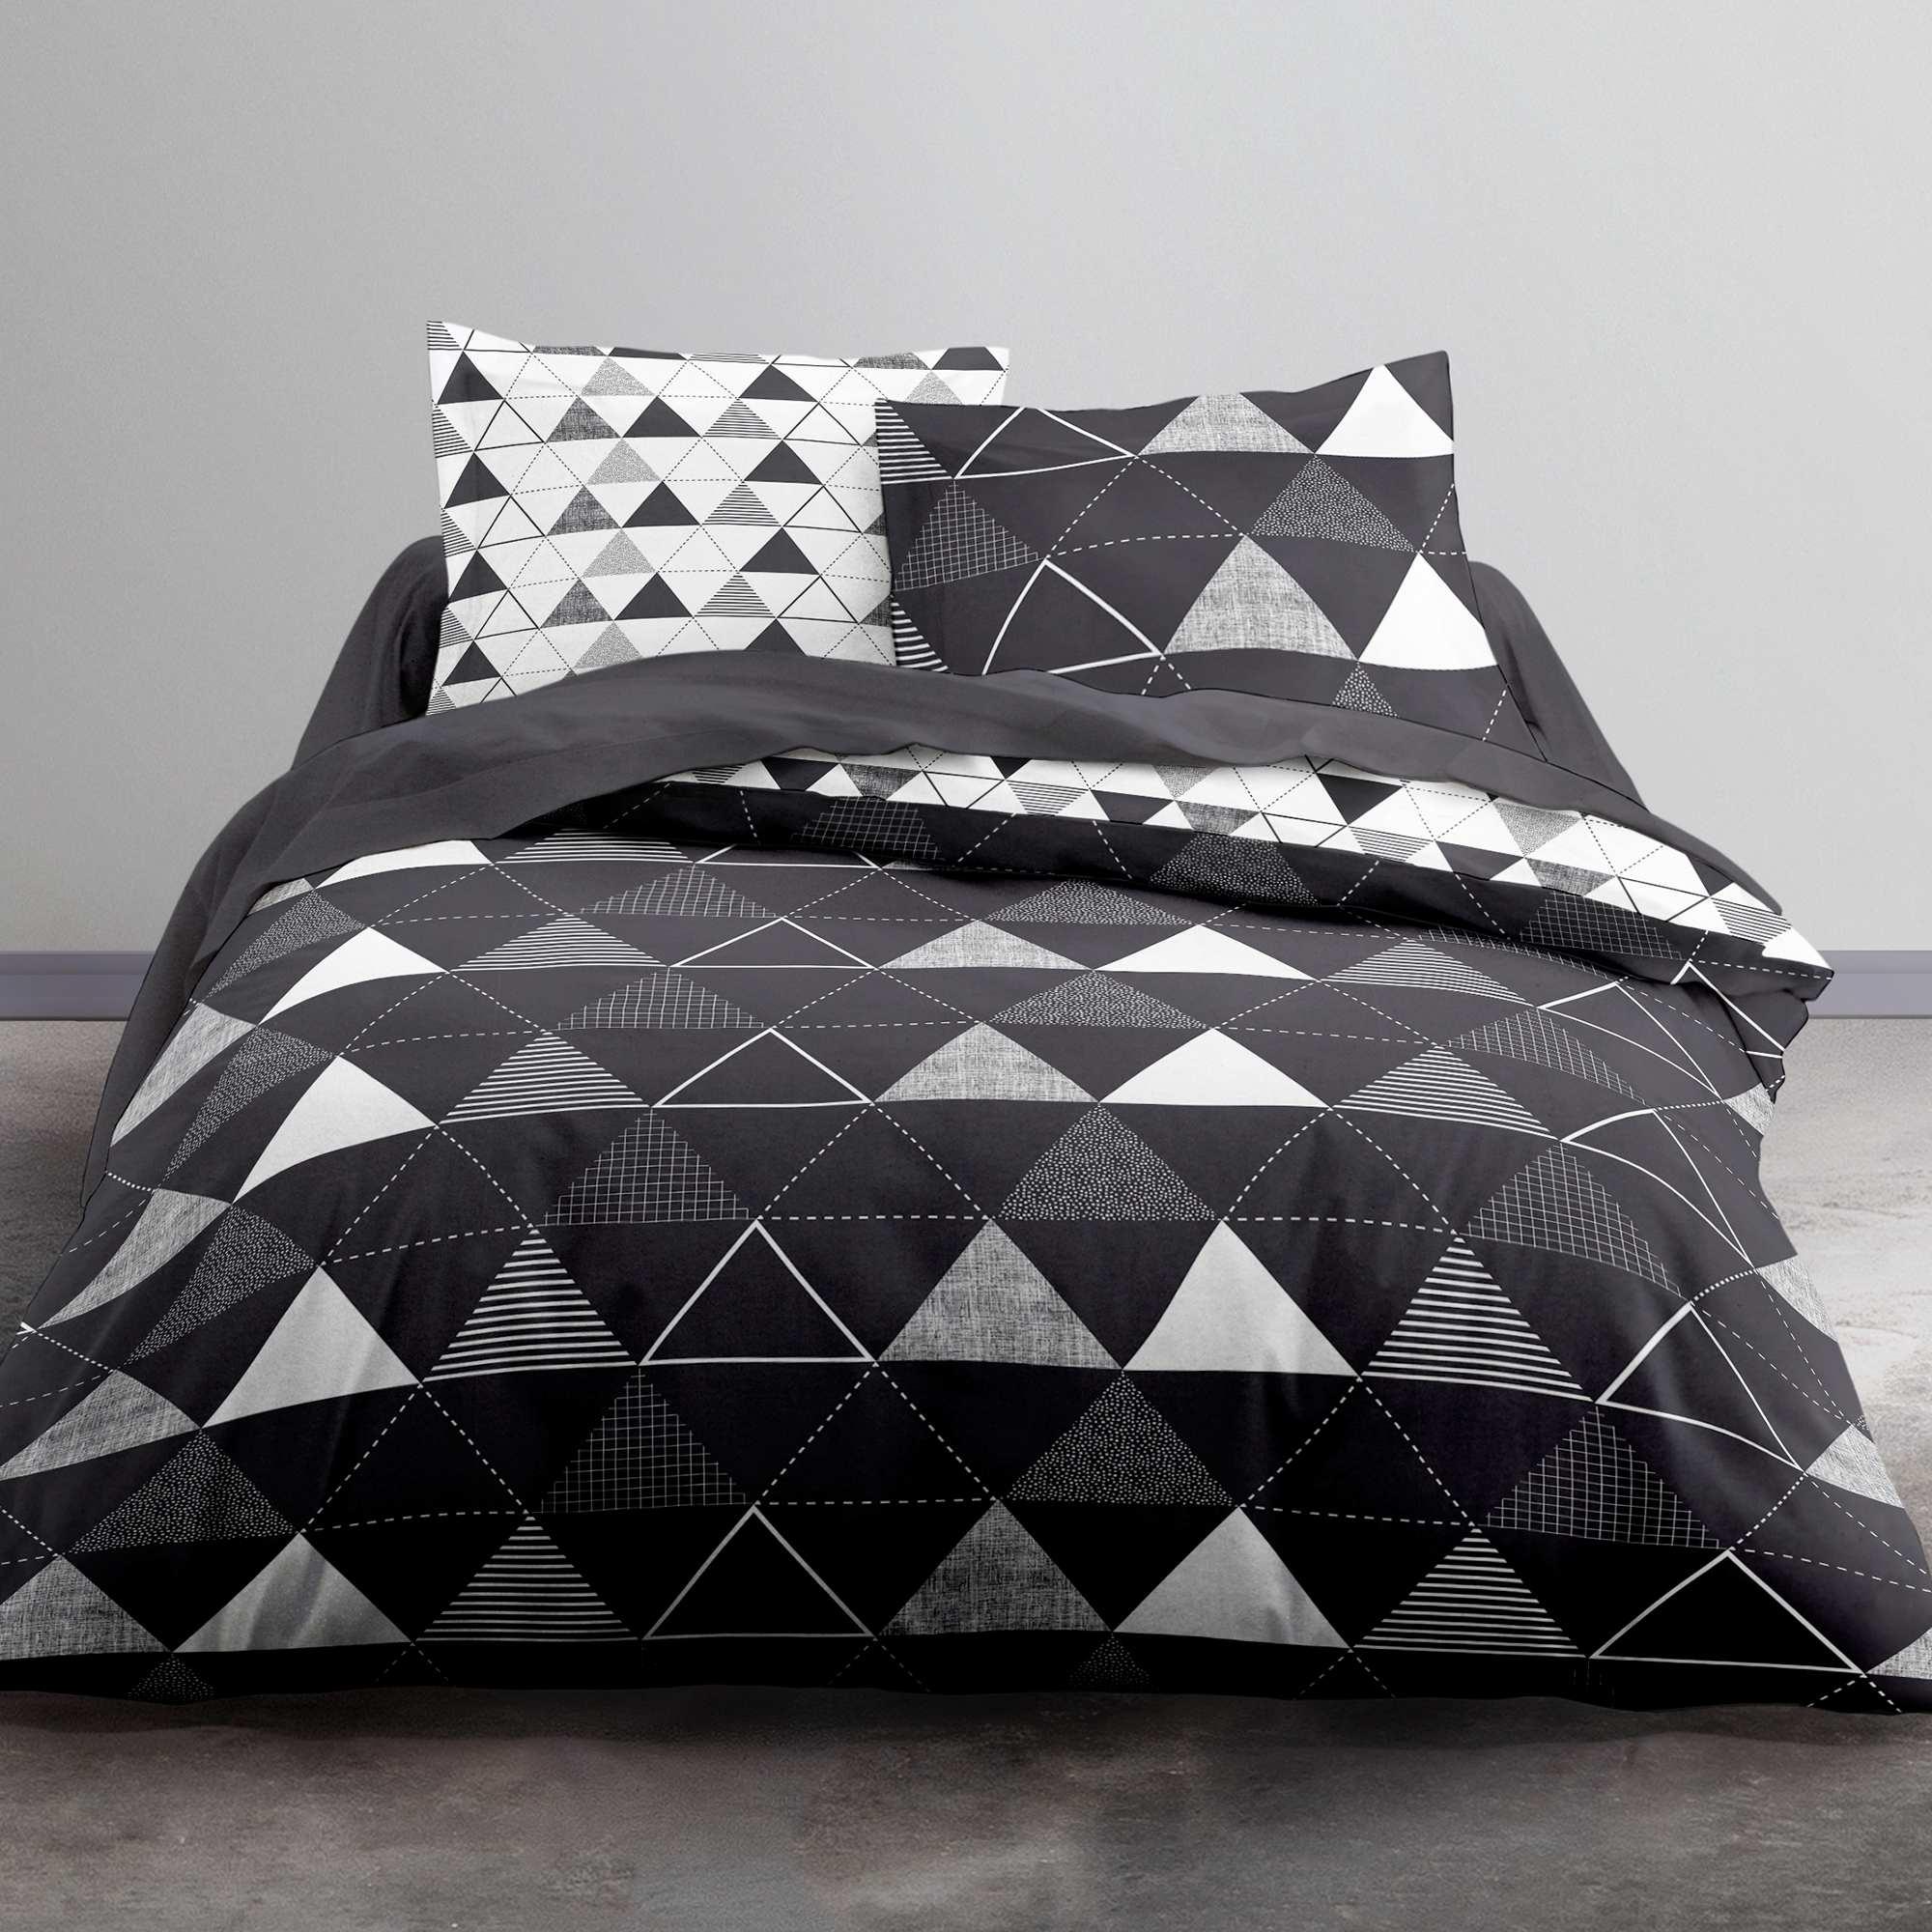 parure de lit noir et blanc imprim 39 triangles 39 linge de lit noir kiabi 20 00. Black Bedroom Furniture Sets. Home Design Ideas